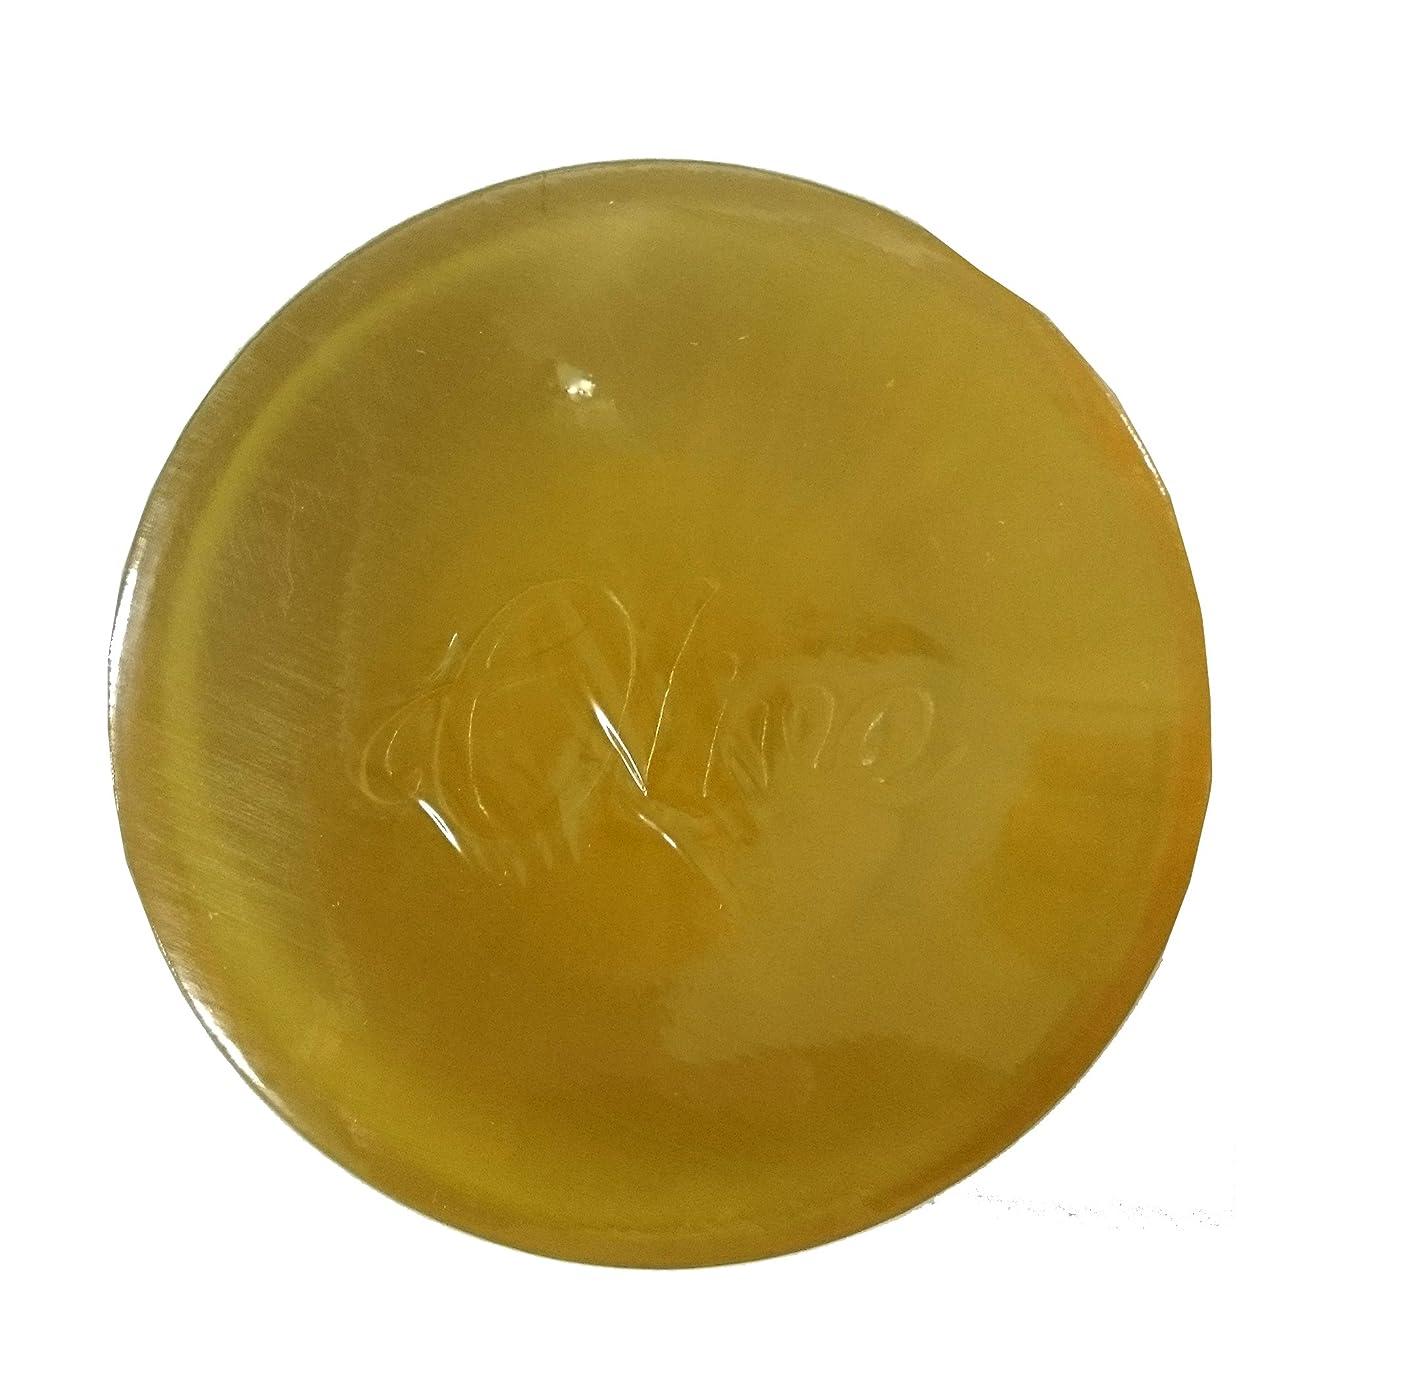 スマイルしゃがむ直立EX バージンオリーブソープ 透明石けん 90g